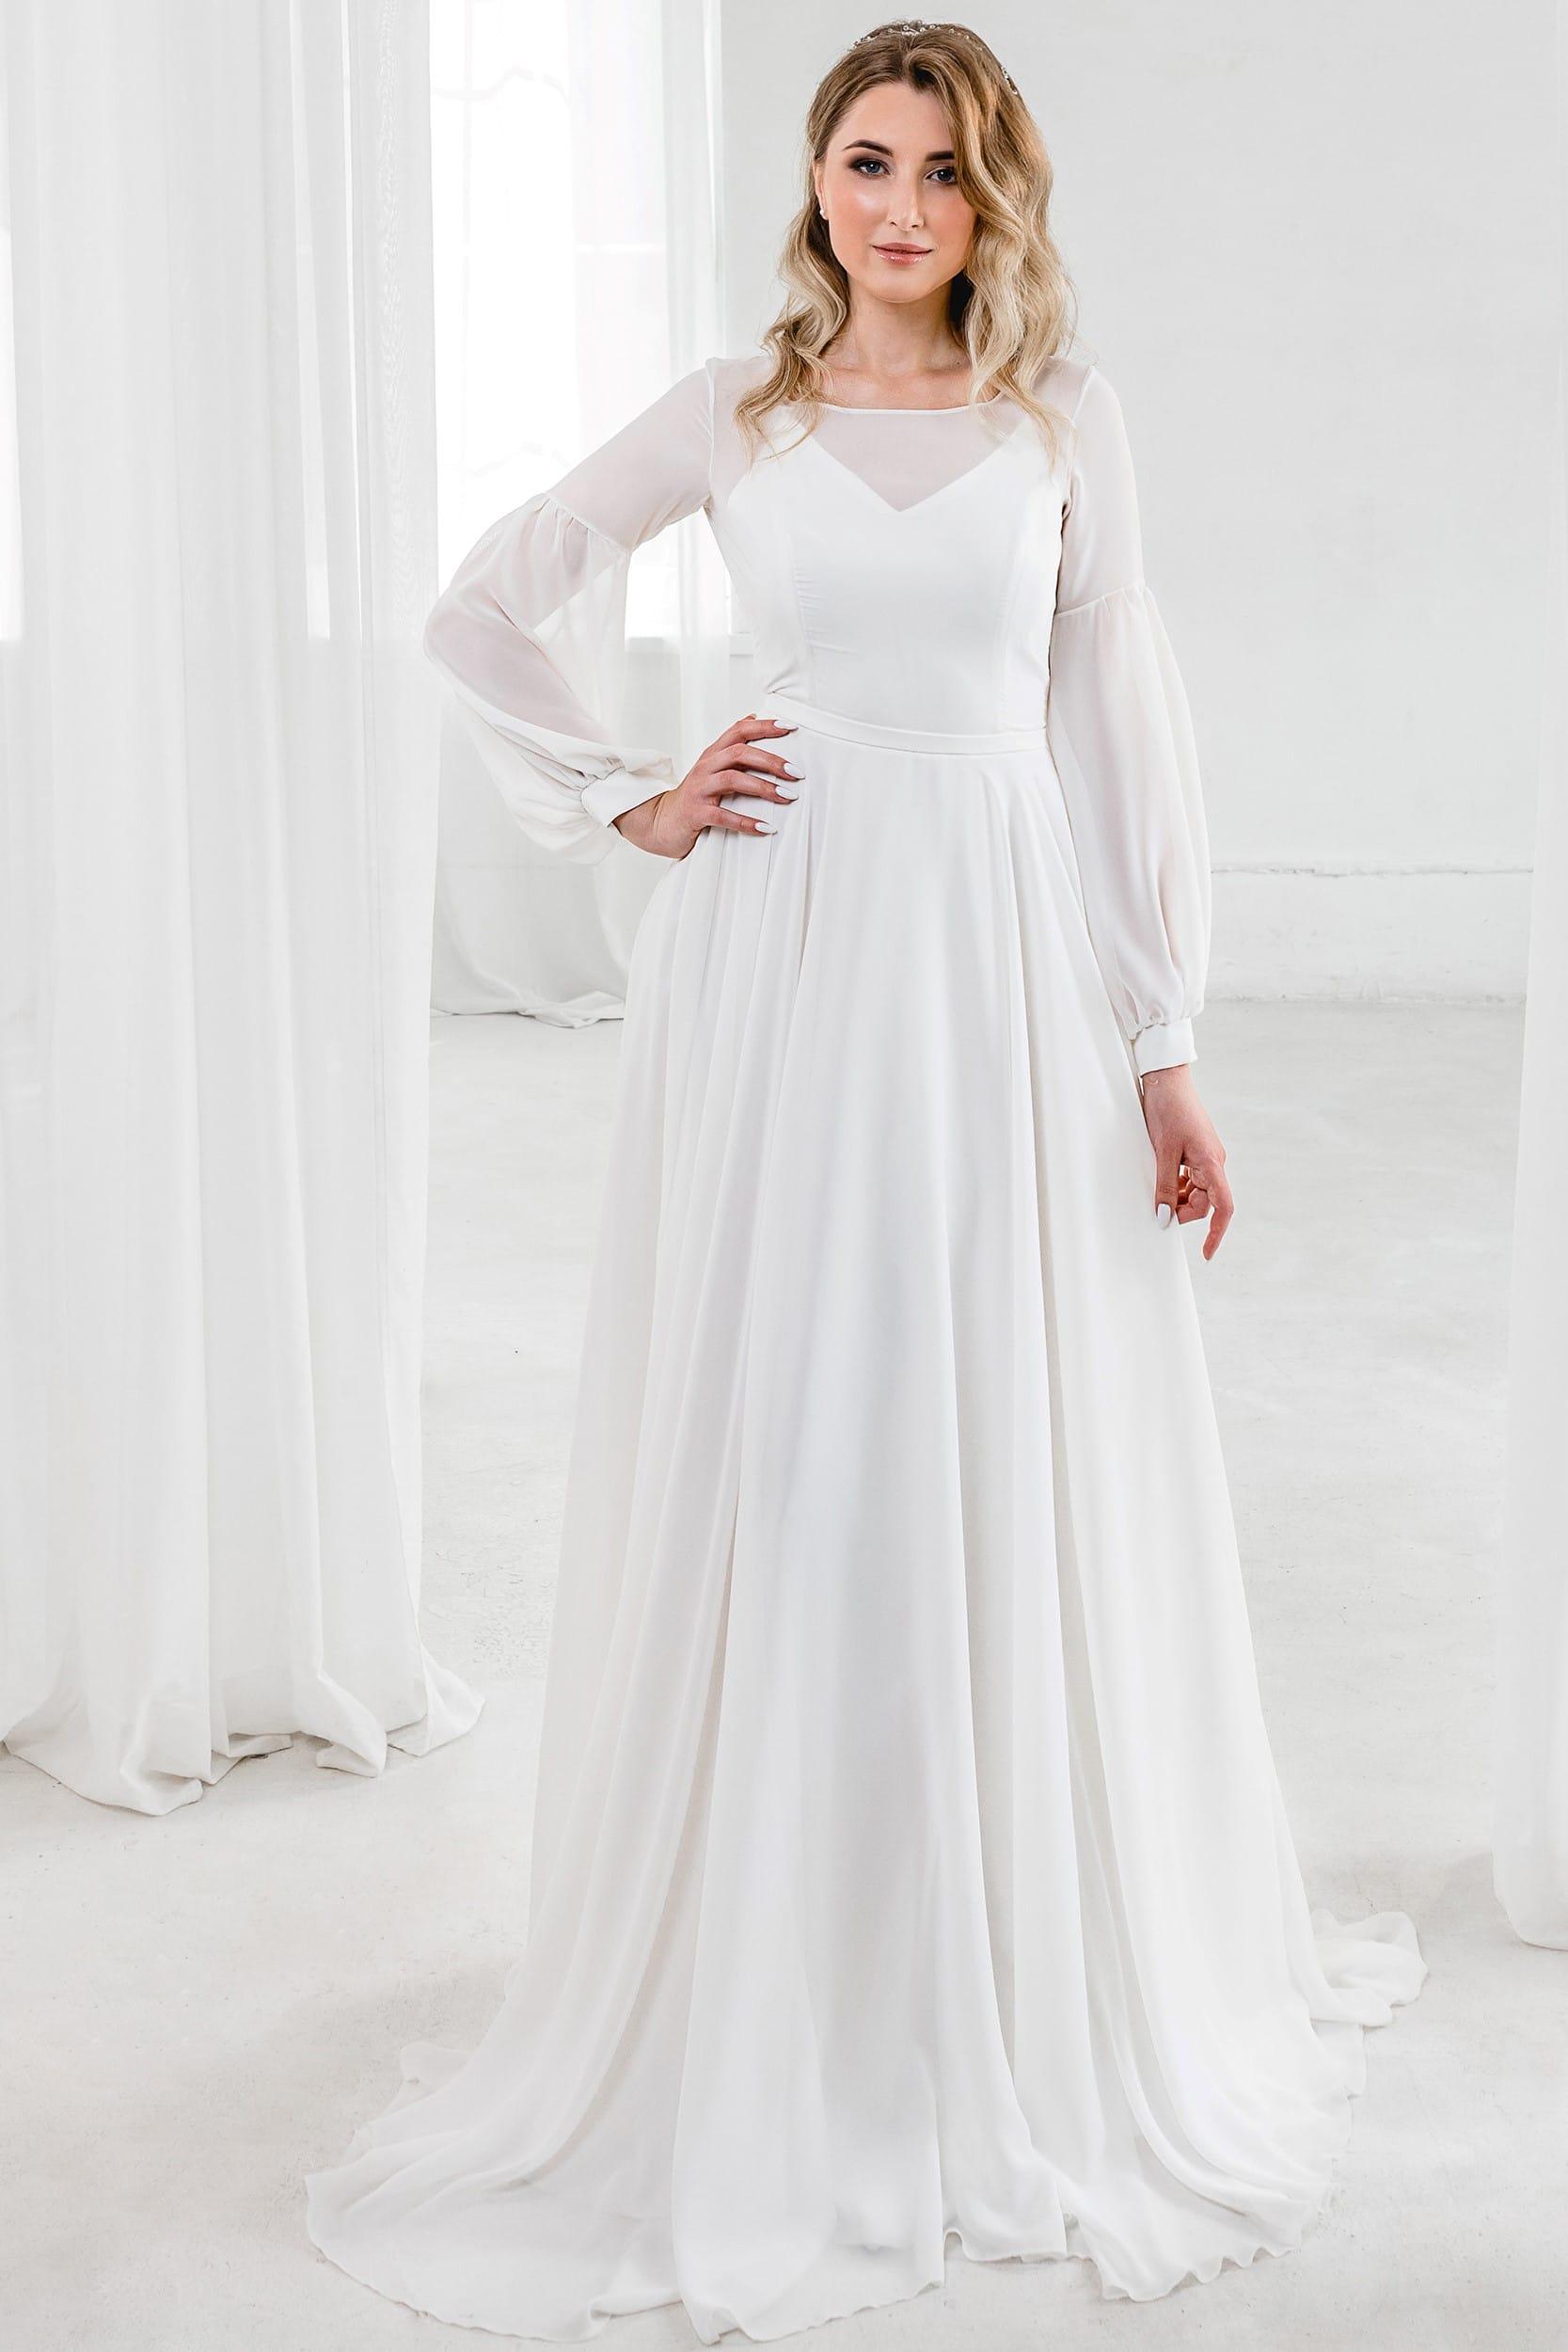 Свадебное платье с длинными рукавами и прозрачным декольте Rare Bridal. А-силуэт, классический стиль, цвет молочный